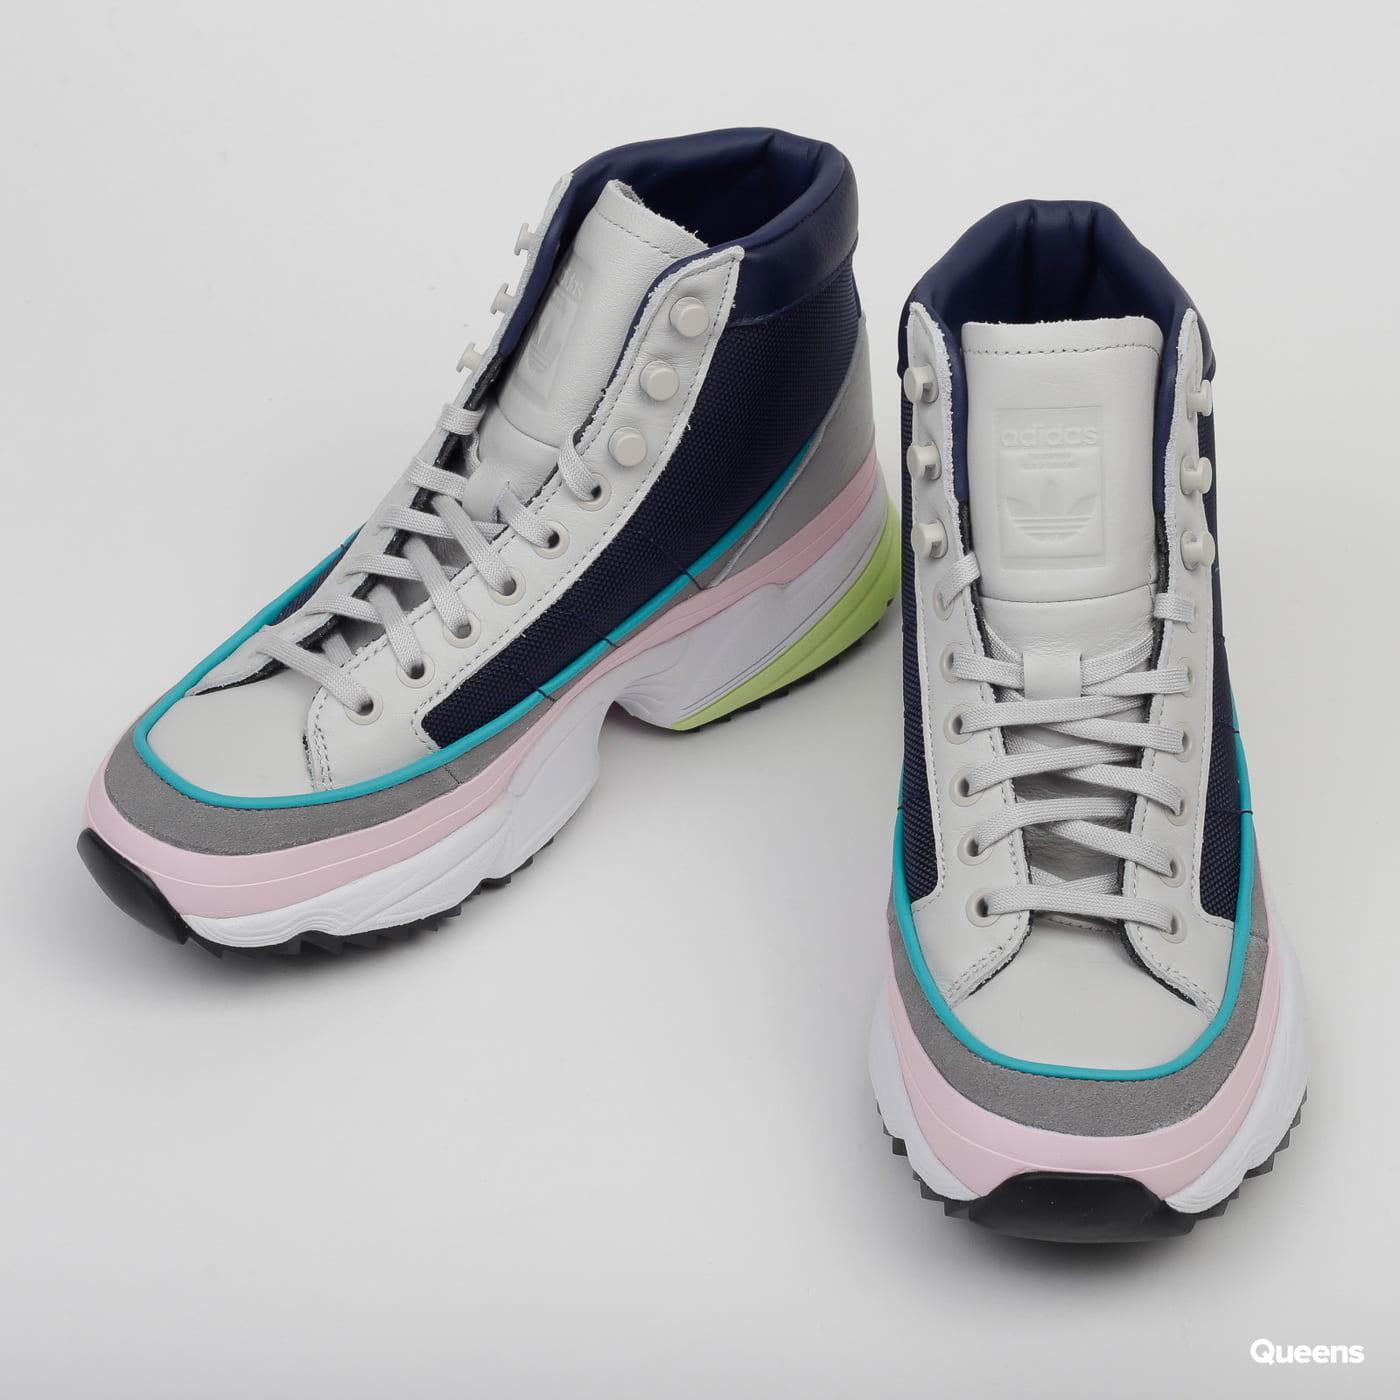 adidas Originals Kiellor Xtra W conavy / conavy / greone